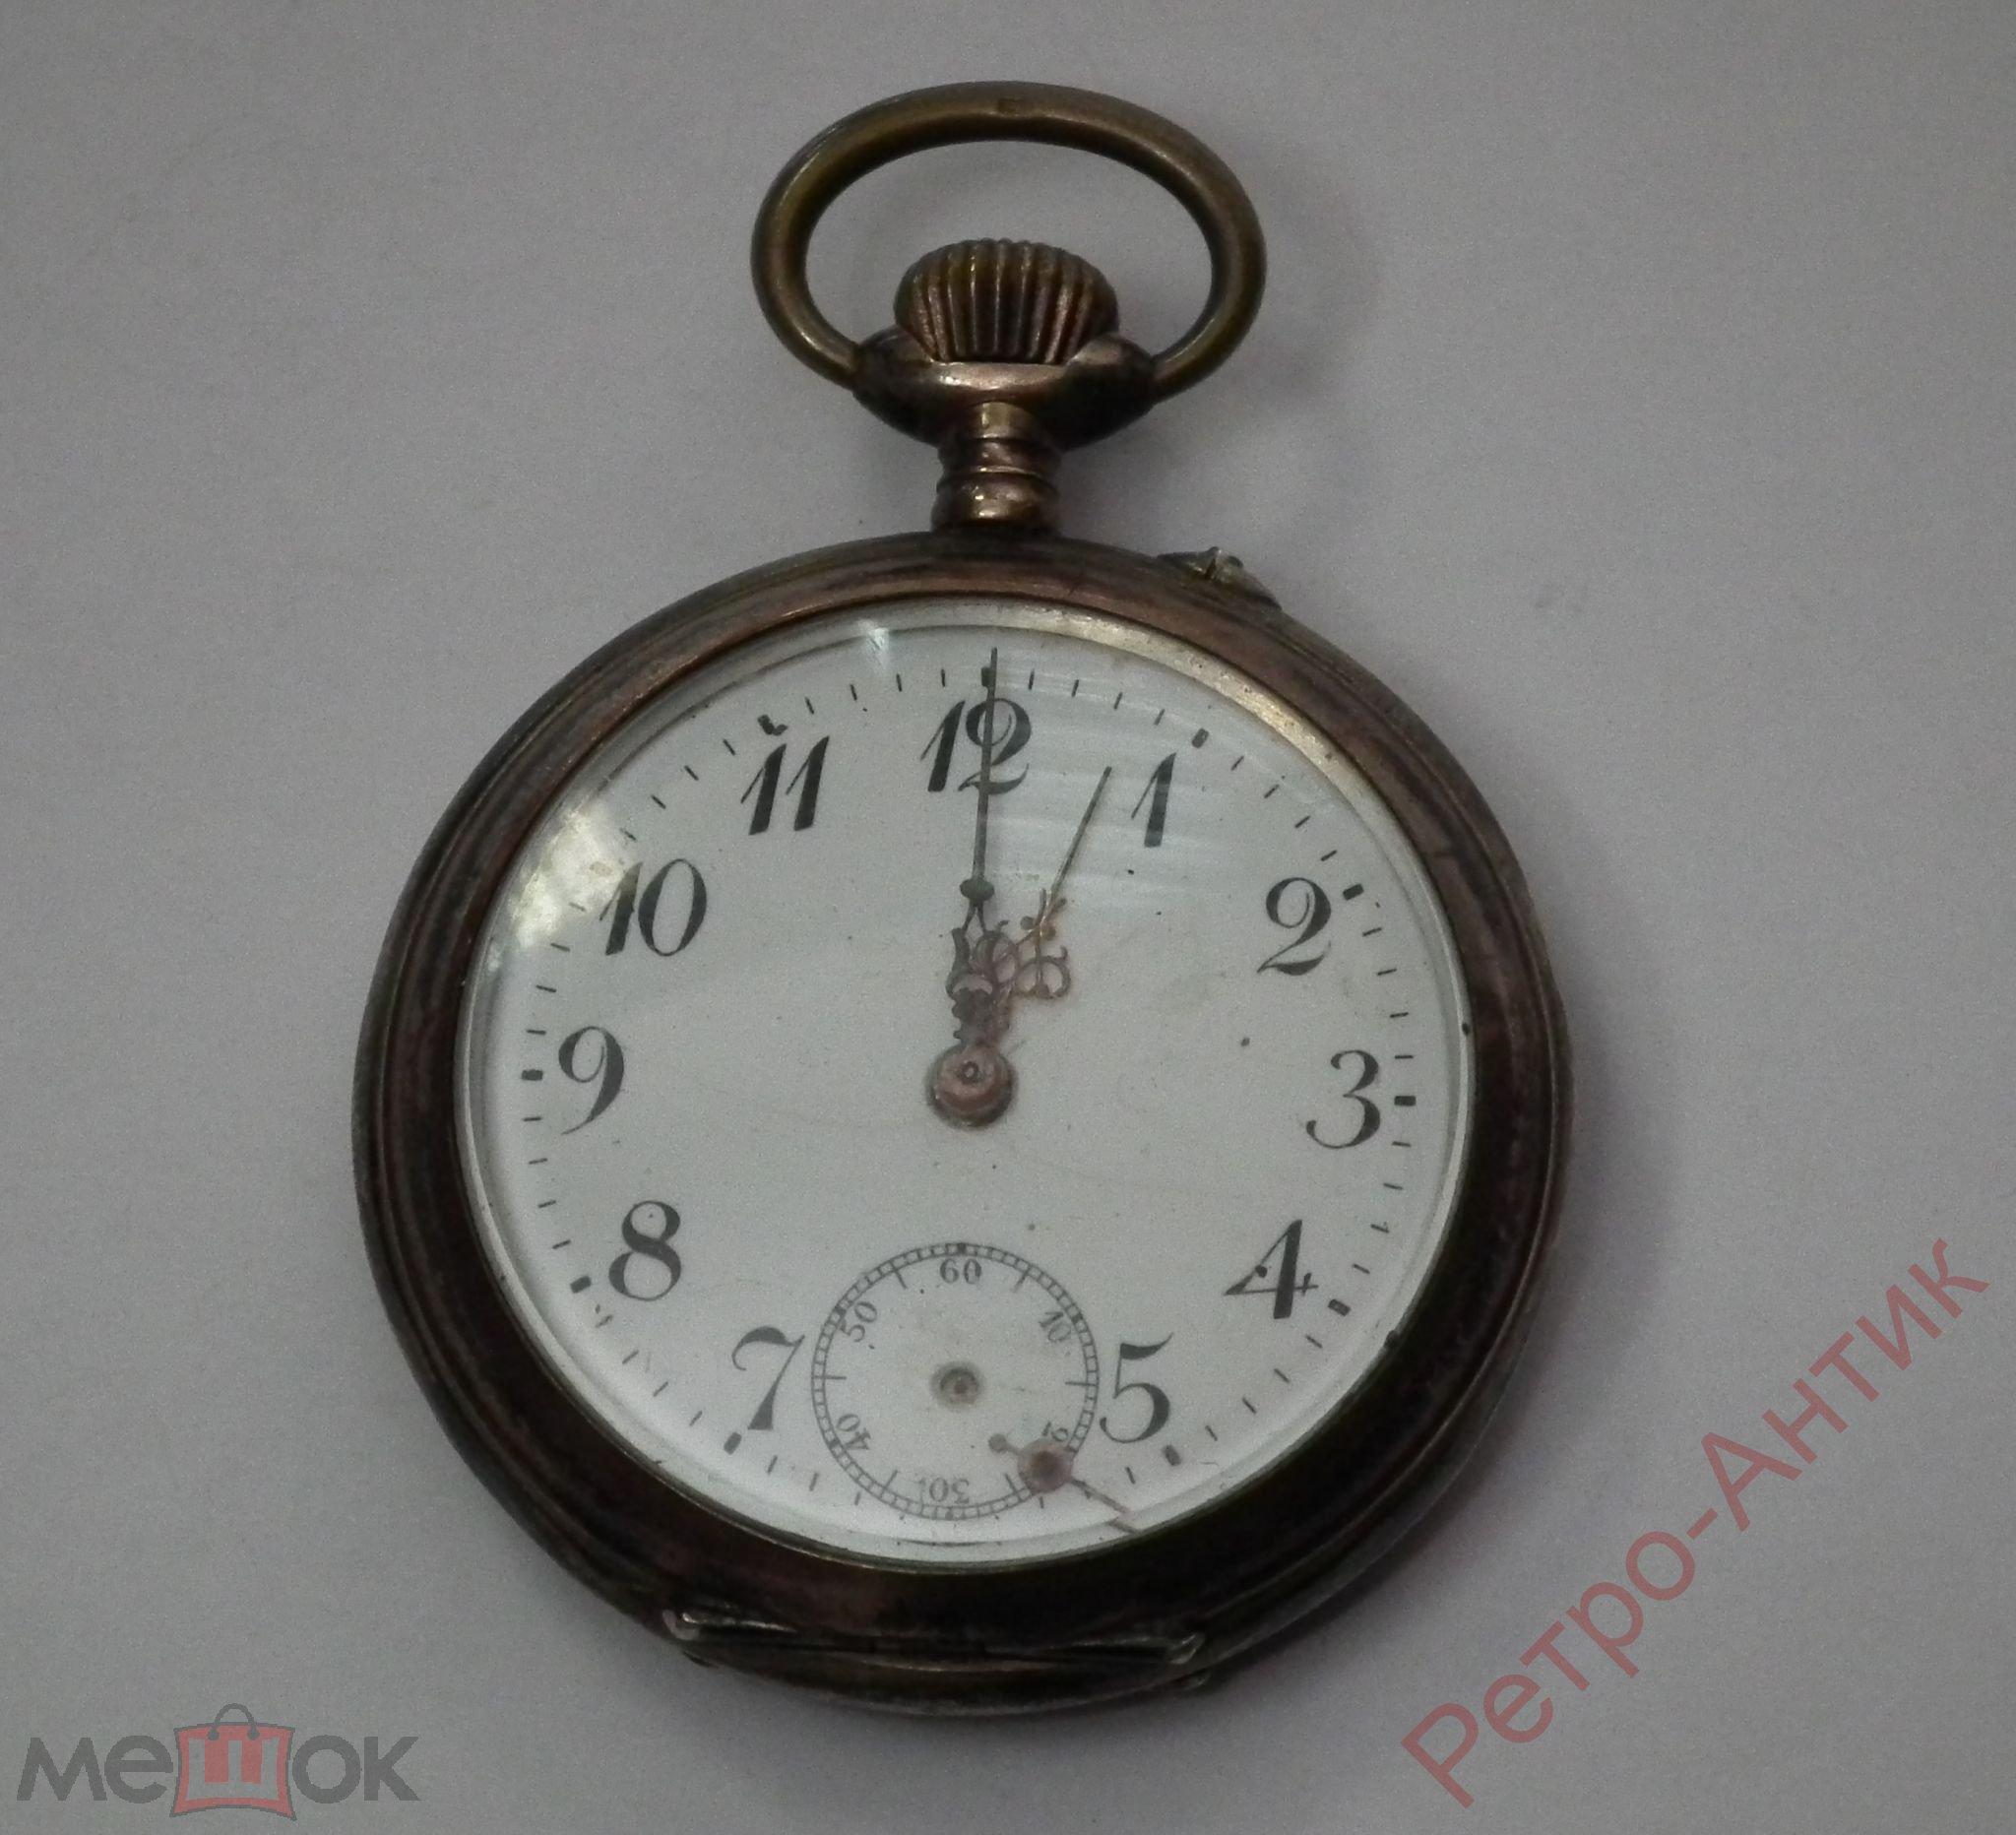 bf99a807 Серебряные карманные часы в ремонт, серебро 800 пробы, с 1 рубля более не  продается. Возможно, Вас заинтересуют эти лоты ↓